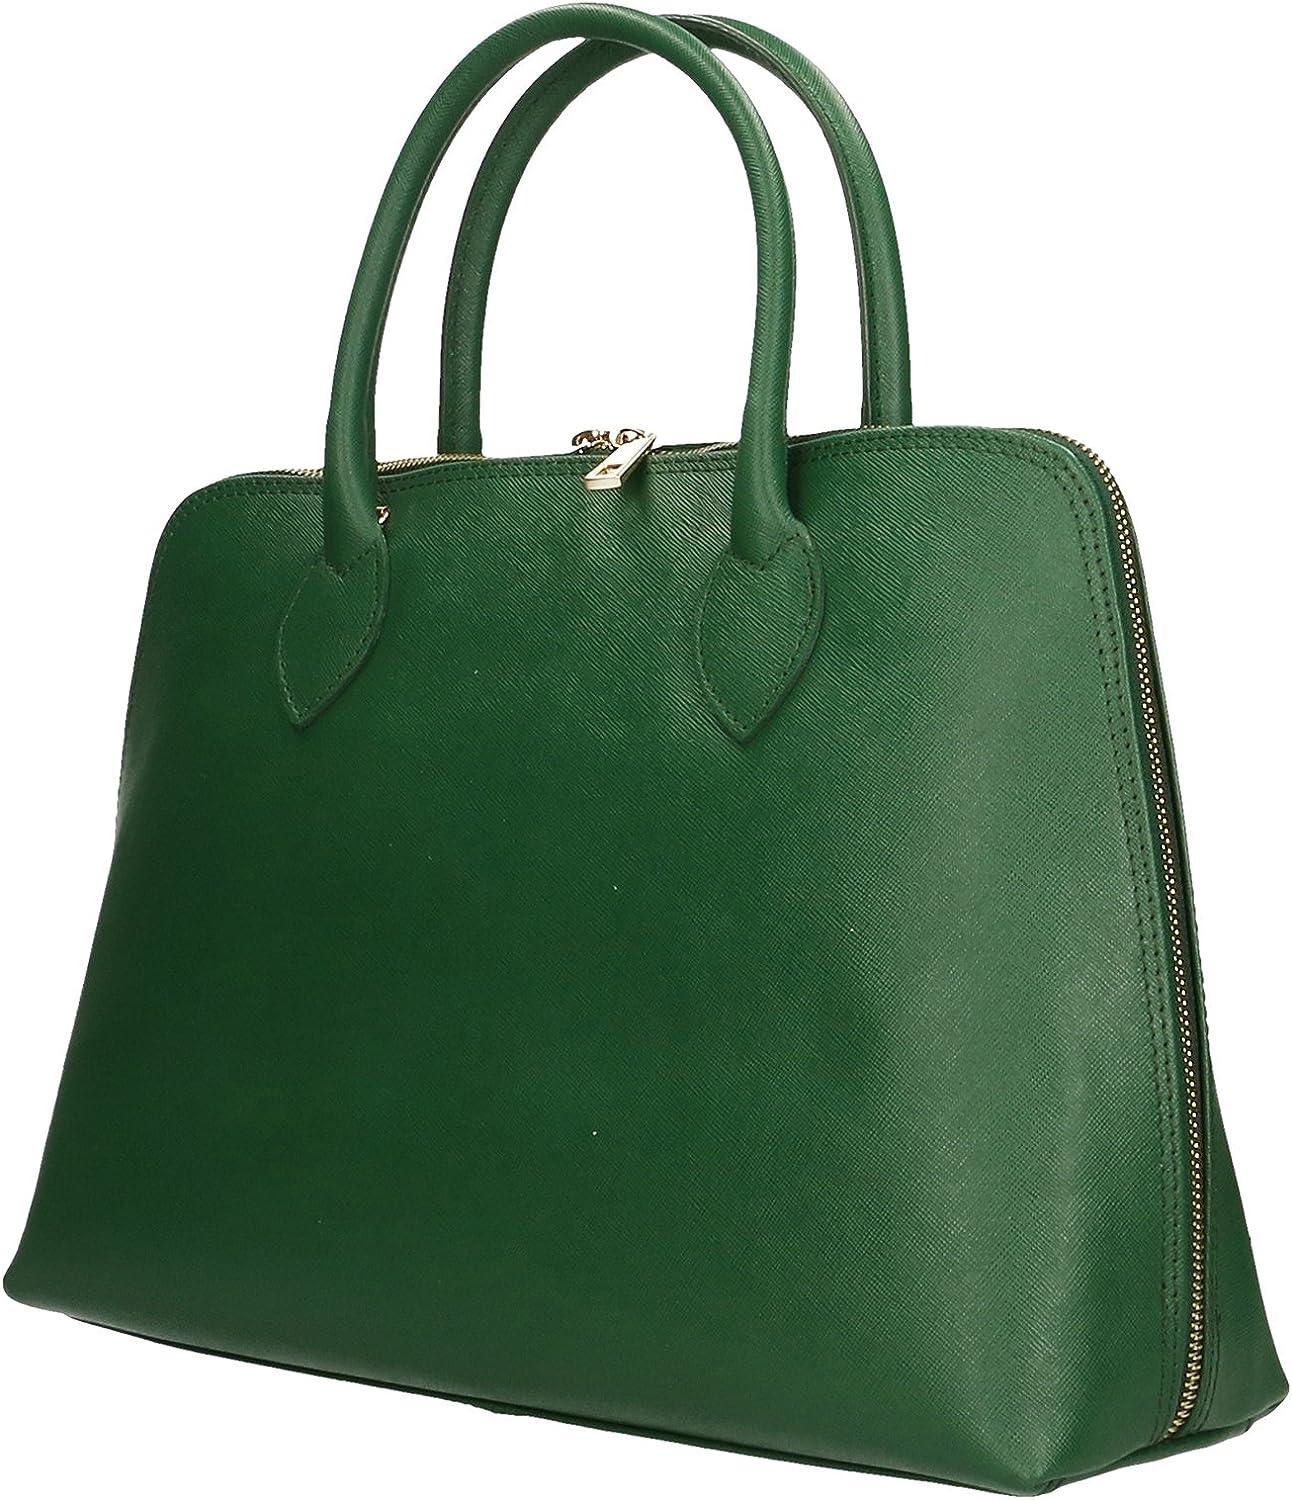 Aren - Handbag Borsa a Mano da Donna in Vera Pelle Made in italy - 37x27x12 Cm Verde